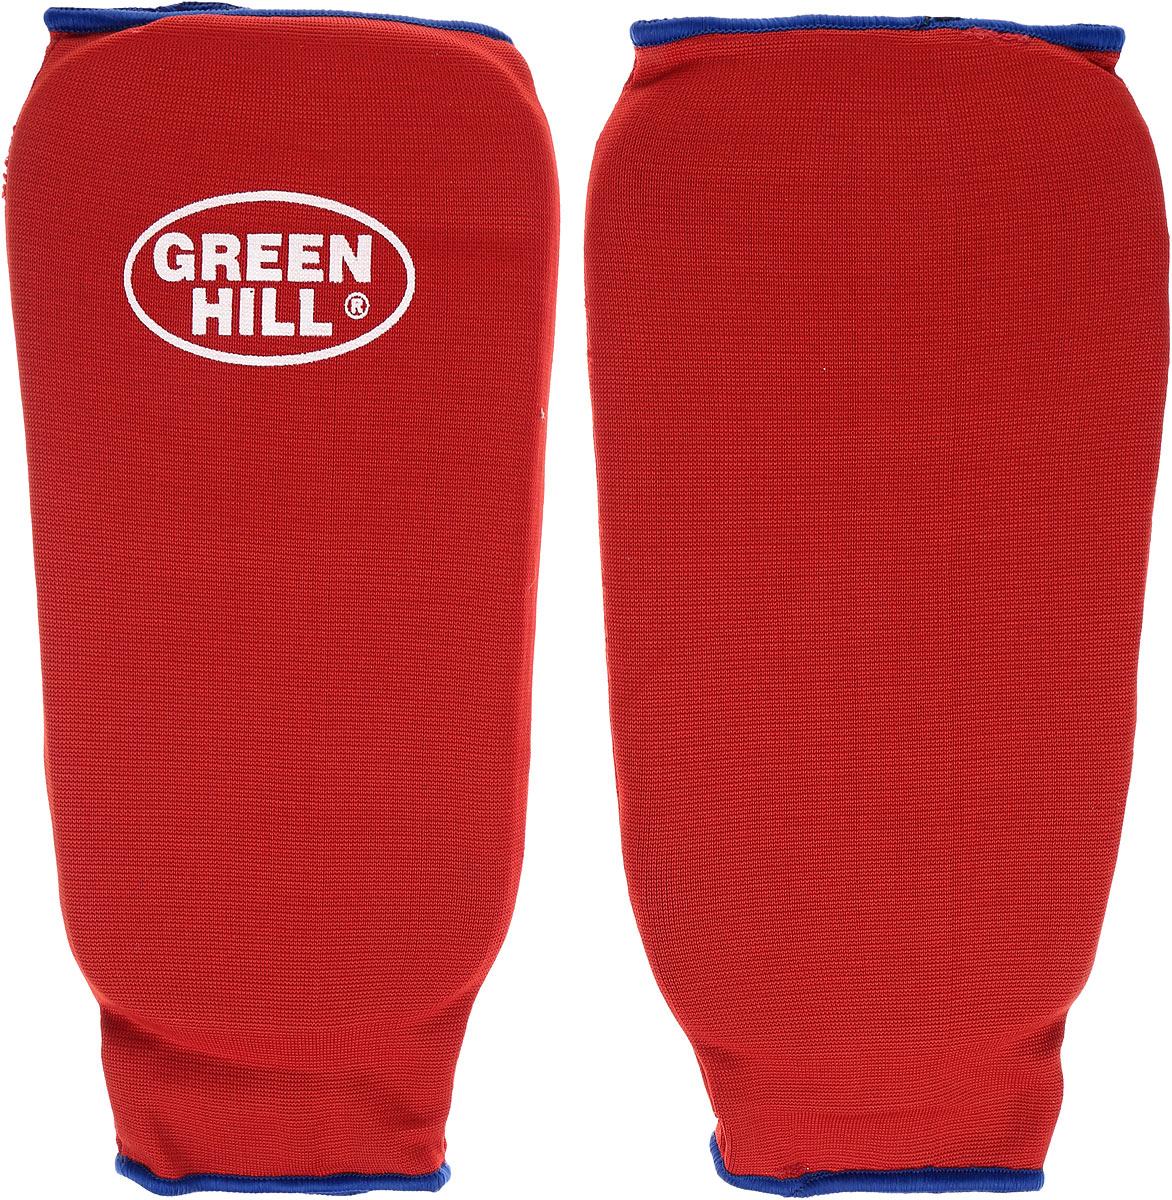 Защита голени Green Hill, цвет: красный, синий. Размер M. SPC-6210SPC-6210Защита голени Green Hill с наполнителем, выполненным из вспененного полимера, необходима при занятиях спортом для защиты суставов от вывихов, ушибов и прочих повреждений. Накладки выполнены из высококачественного эластана и хлопка.Длина голени: 26 см.Ширина голени: 14 см.